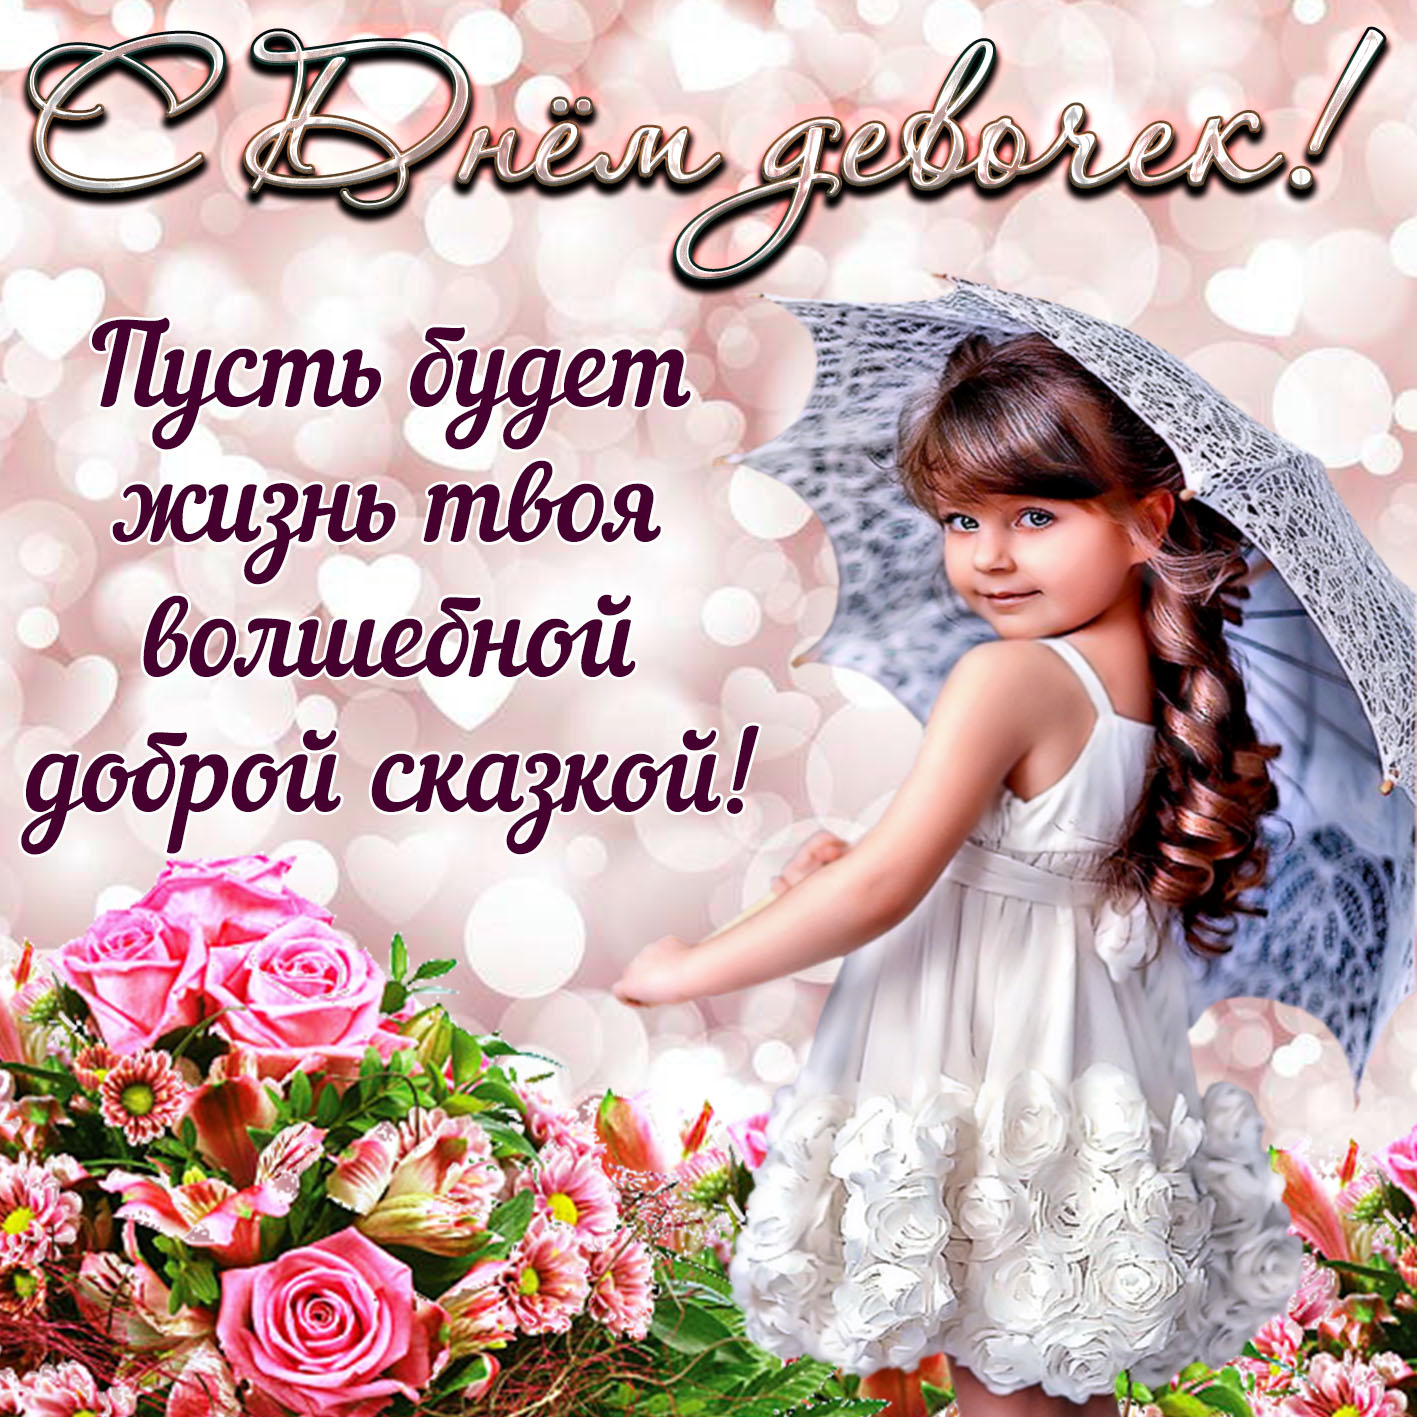 Красивая открытка с пожеланием на День девочек